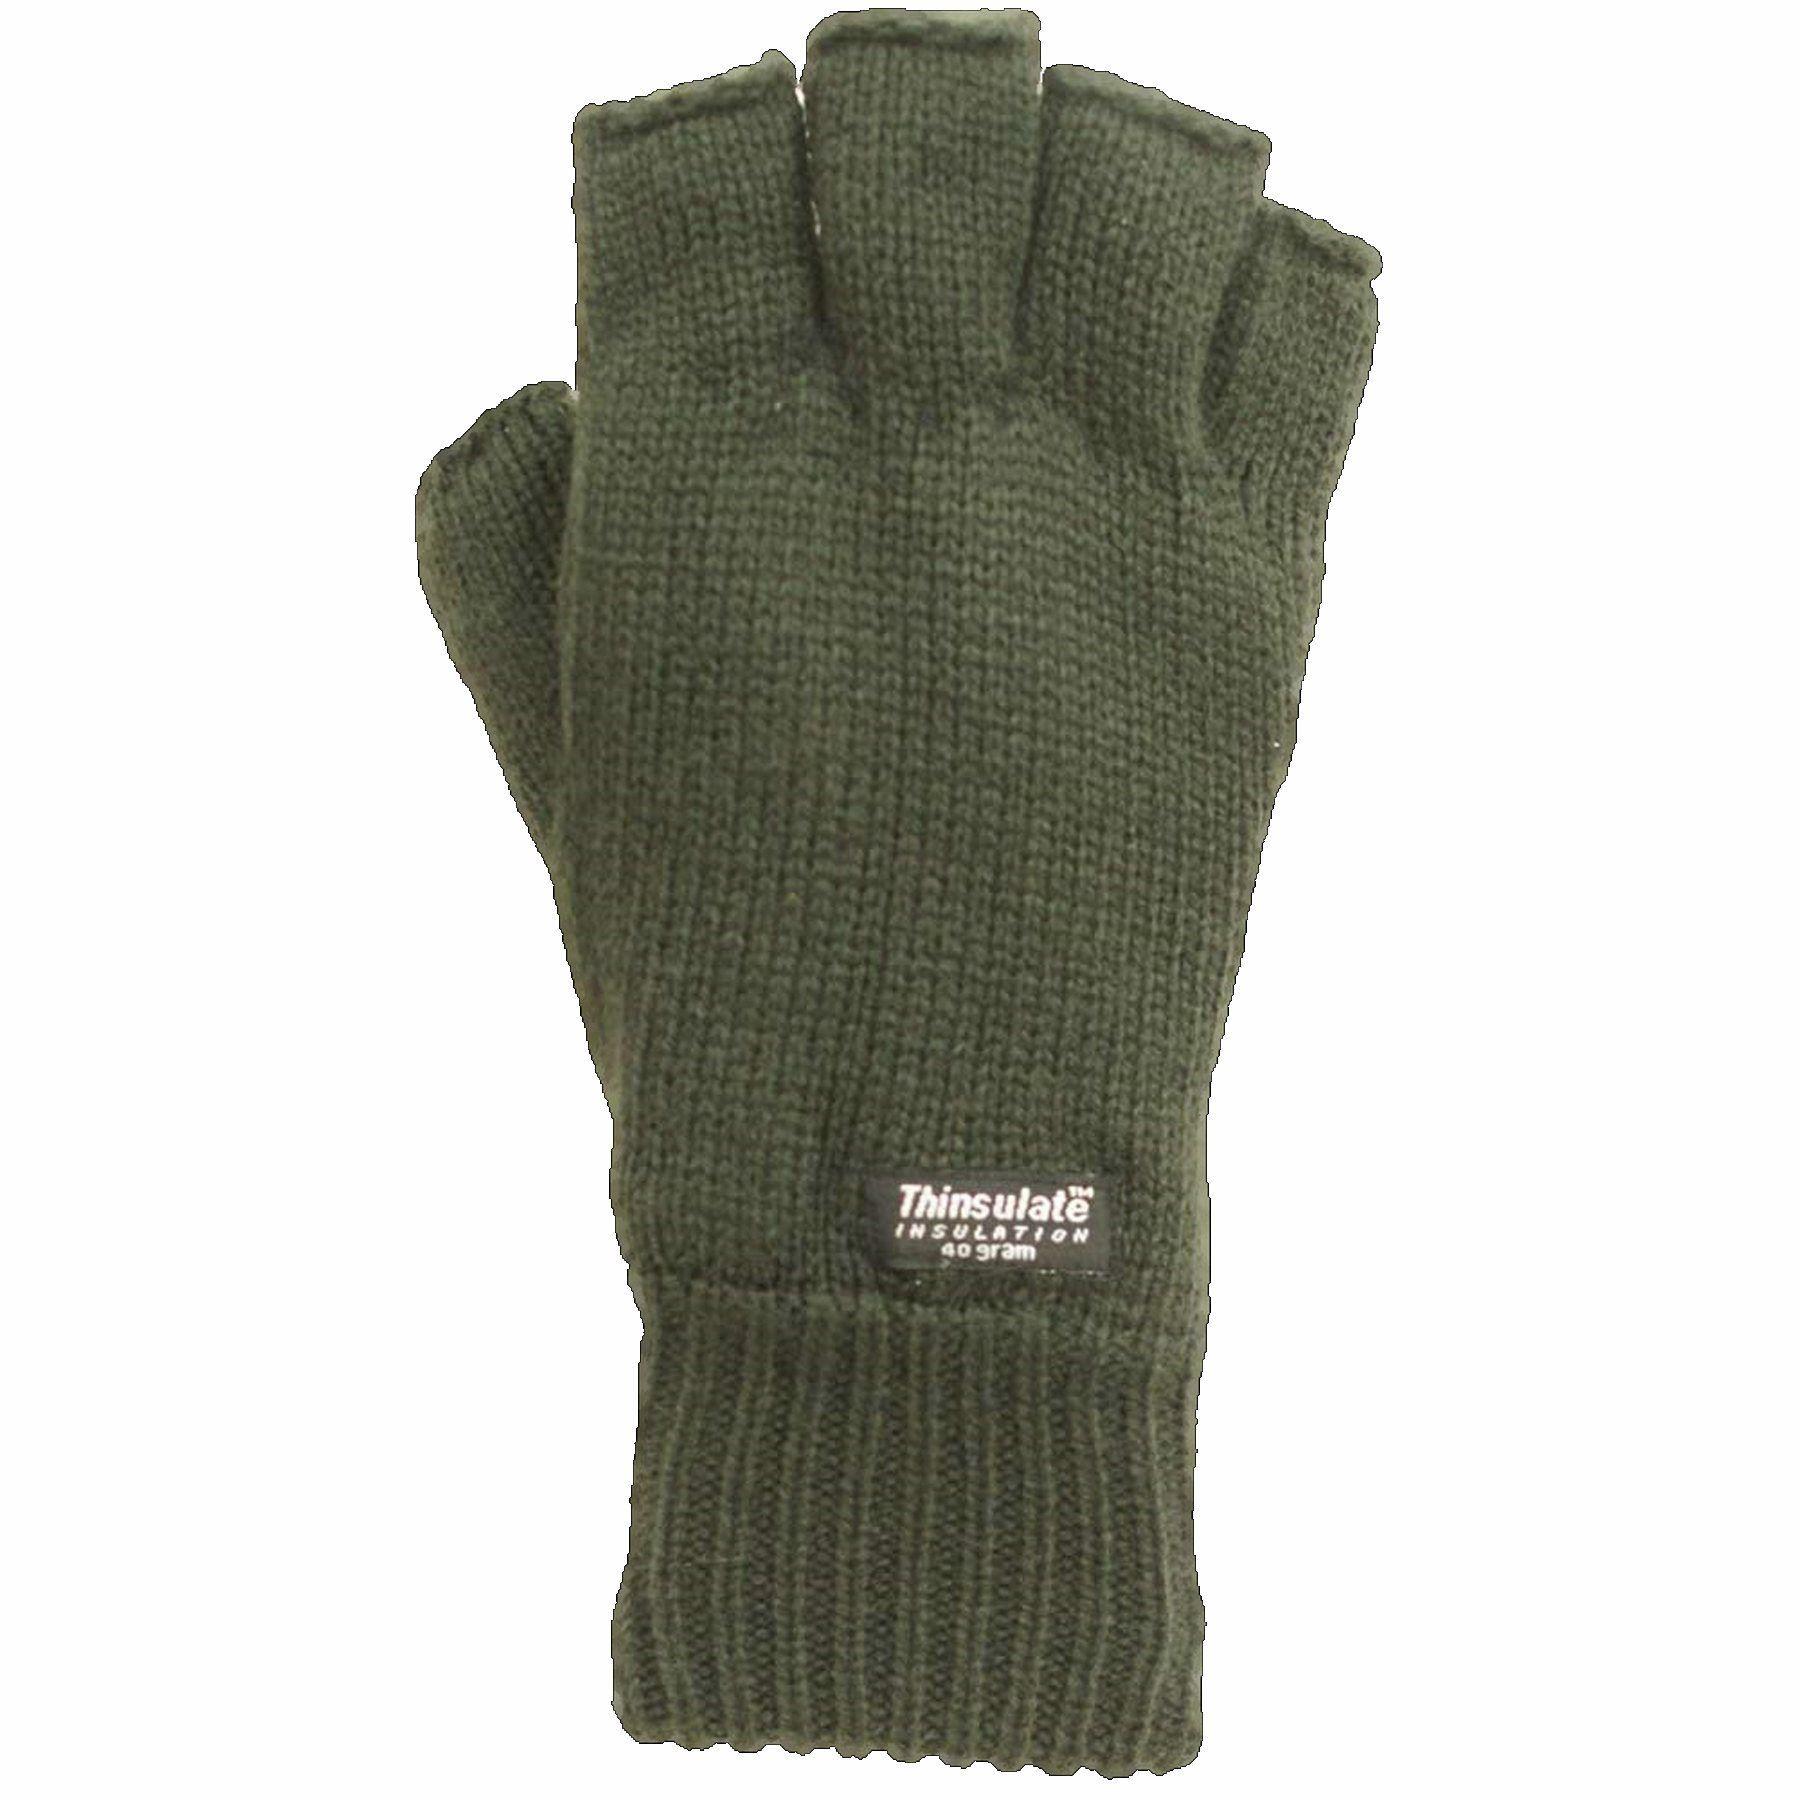 Mens fingerless gloves thinsulate green olive black camo for Fingerless fishing gloves